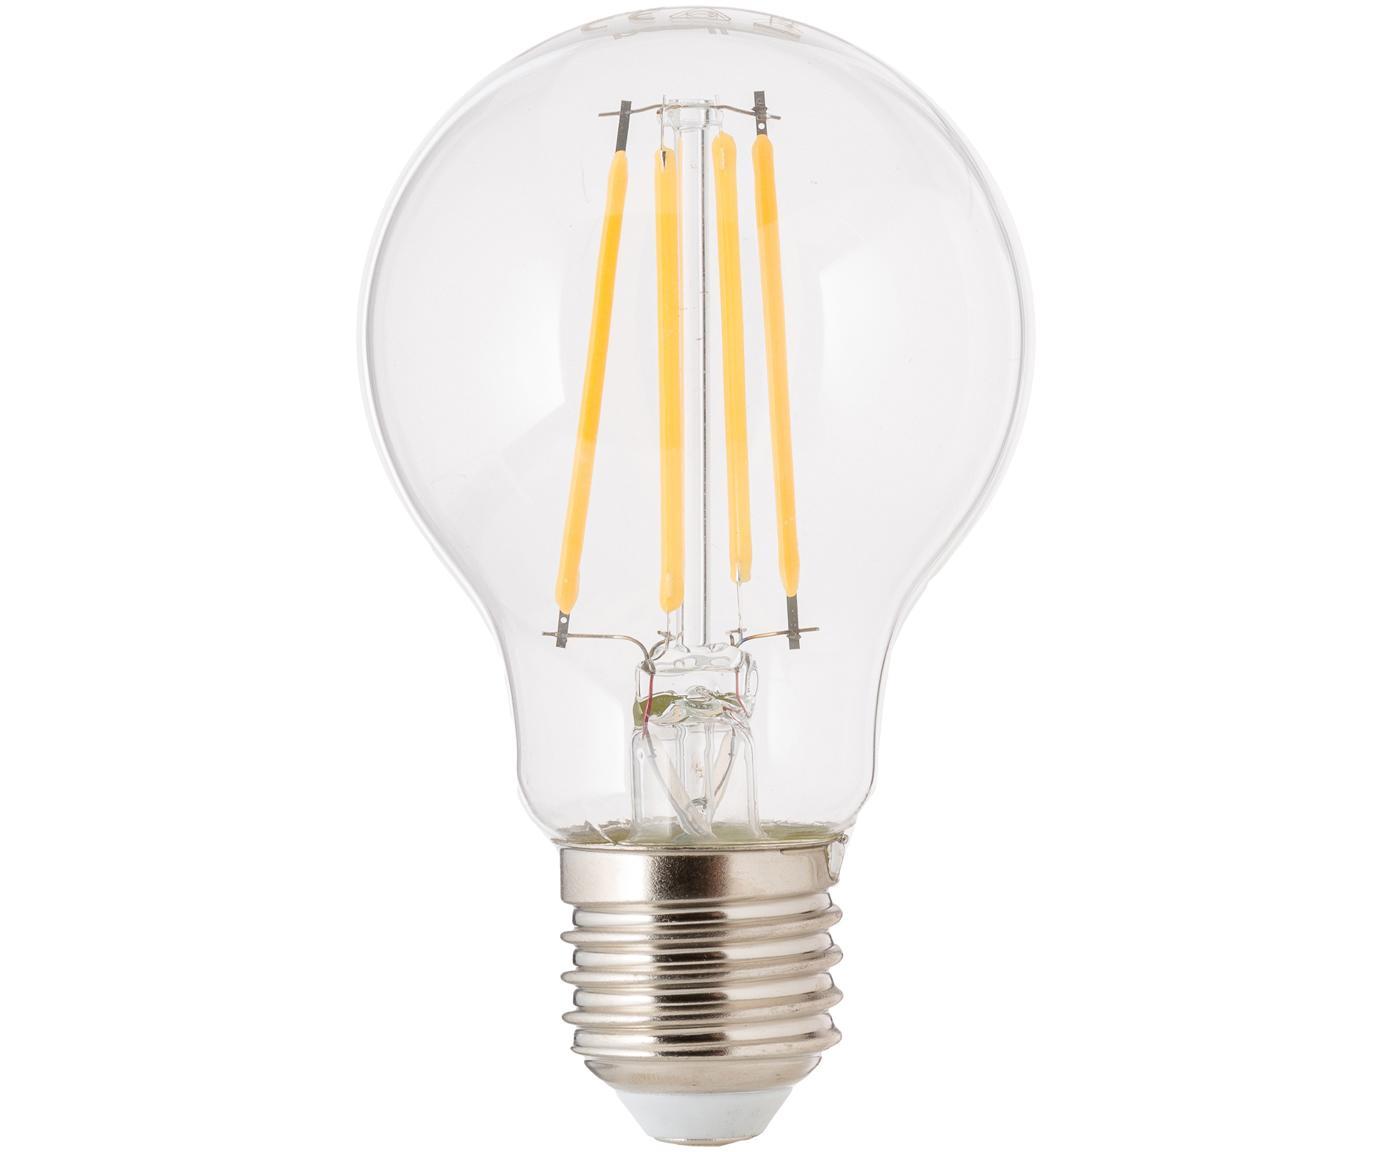 Dimmbares Leuchtmittel Cherub (E27 / 8Watt), Leuchtmittelschirm: Glas, Leuchtmittelfassung: Aluminium, Transparent, Ø 8 x H 10 cm